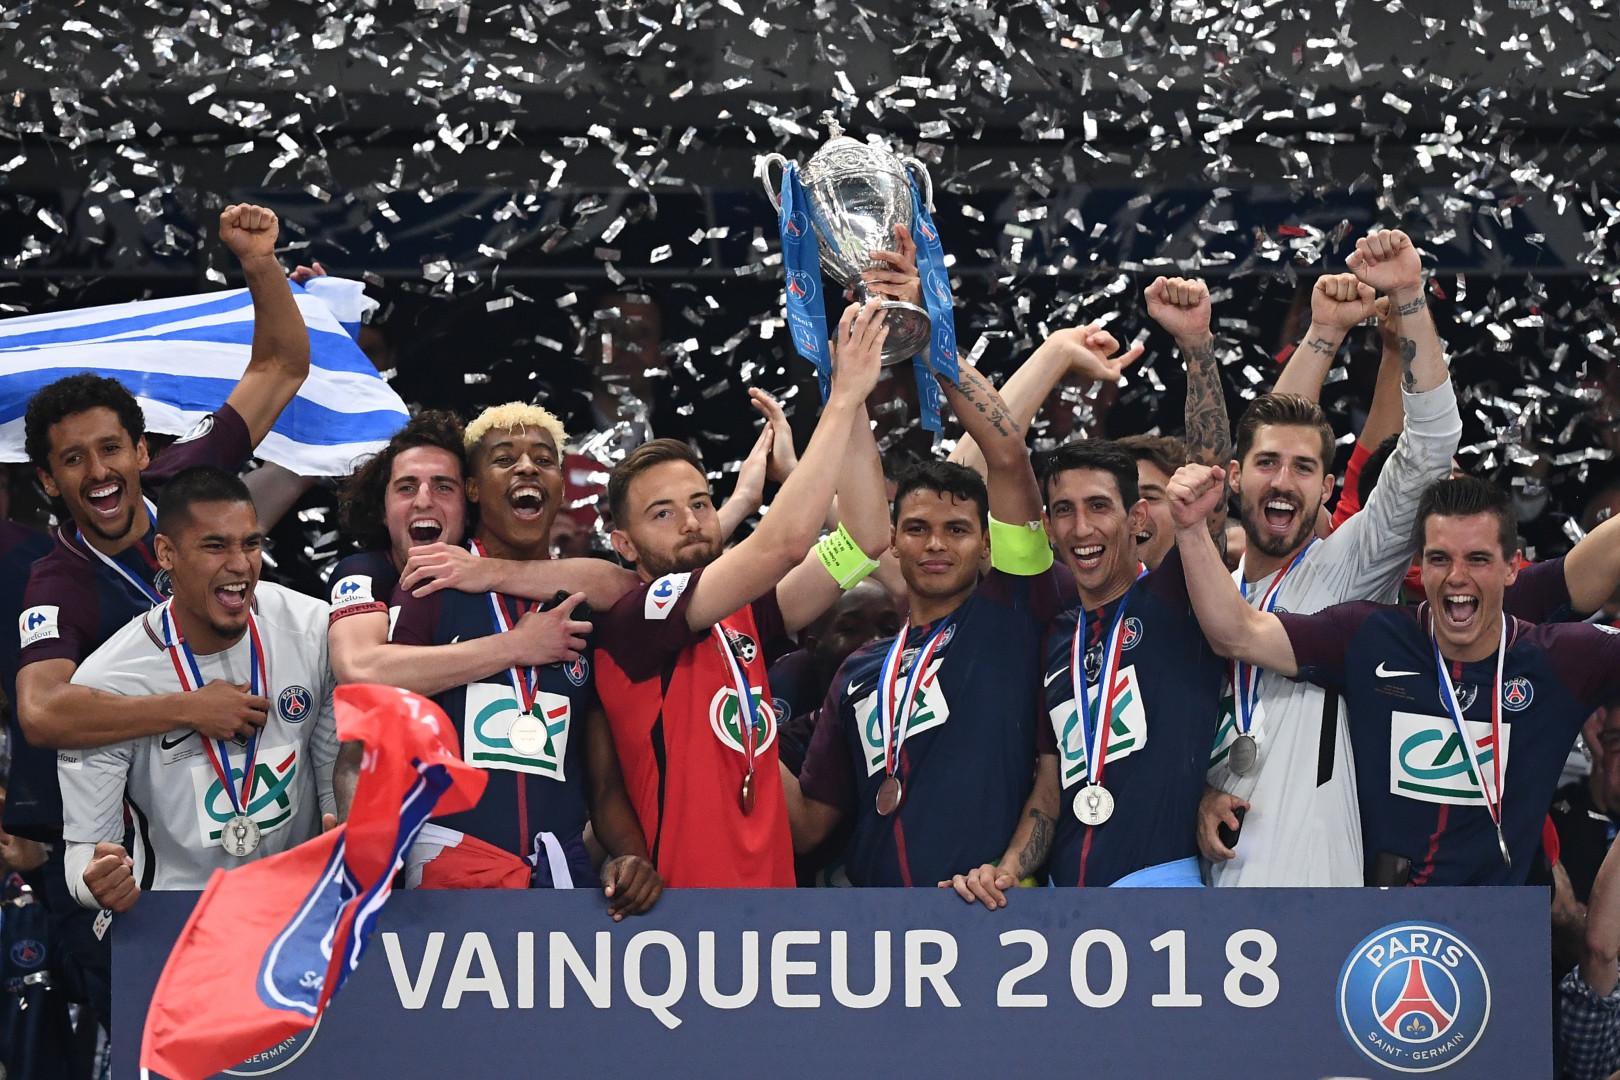 Le capitaine des Herbiers Sébastien Flochon (en rouge) soulève le trophée avec celui du PSG Thiago Silva, le 8 mai 2018